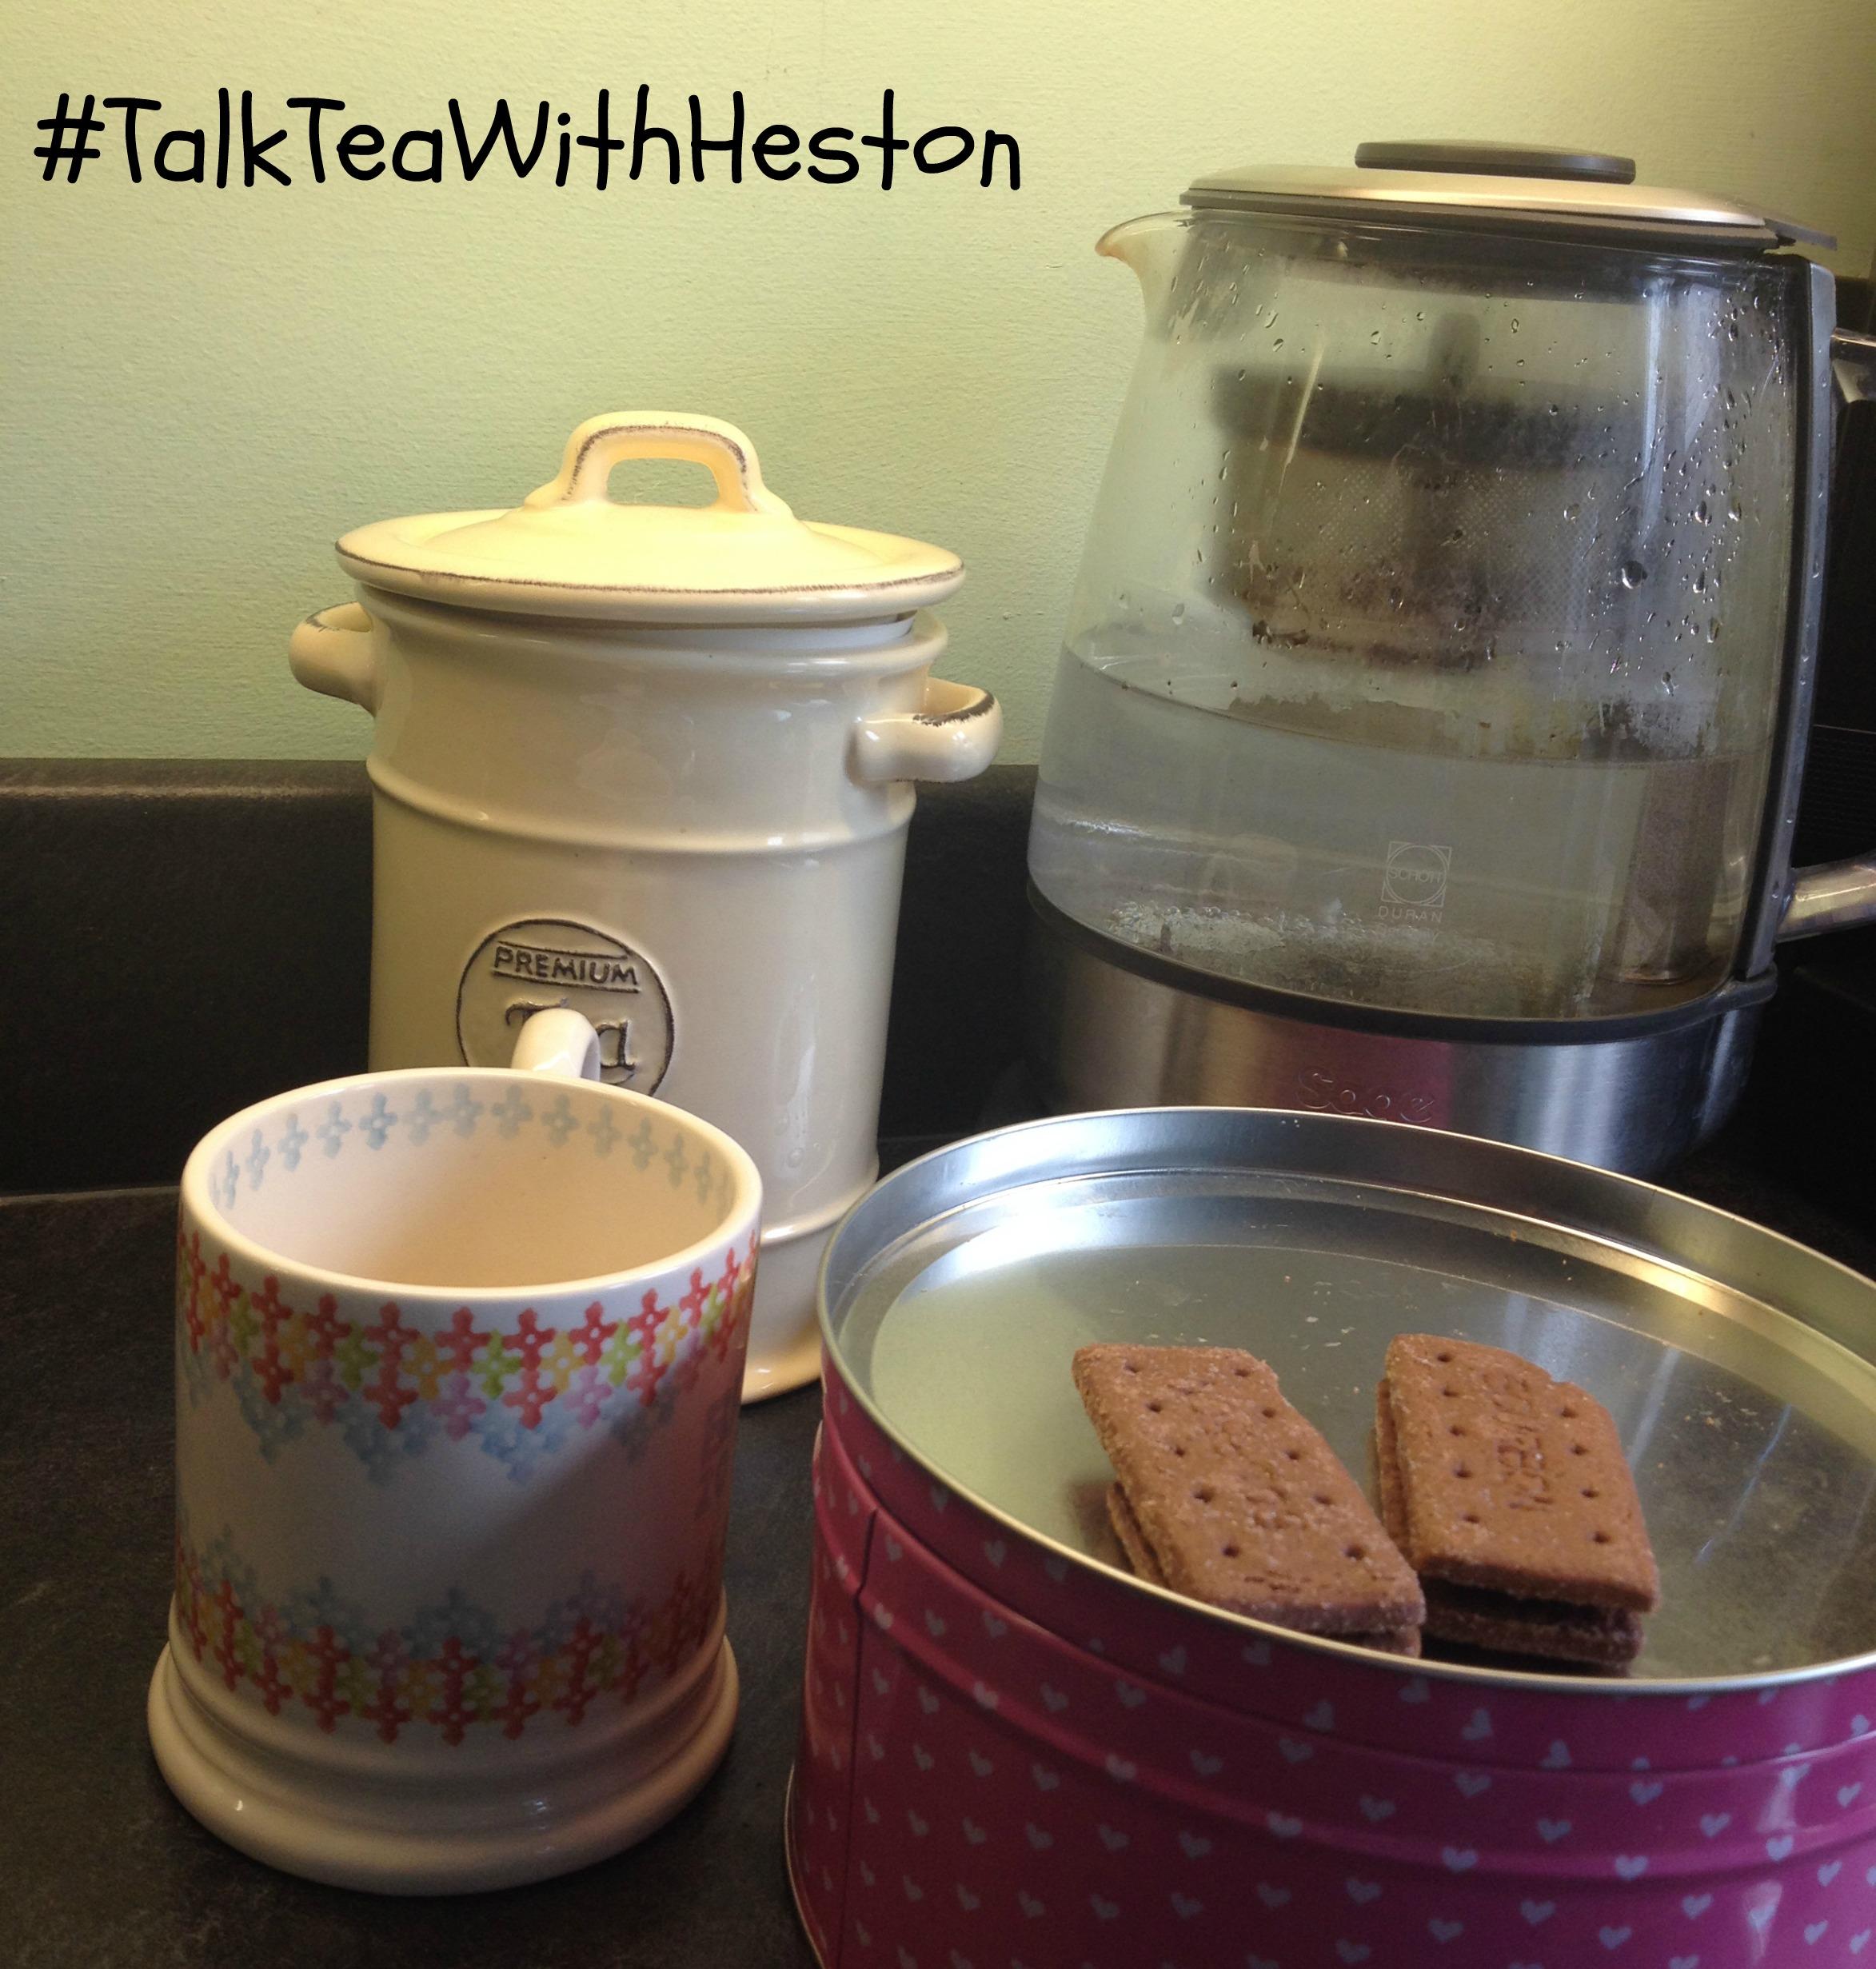 #TalkTeaWithHeston